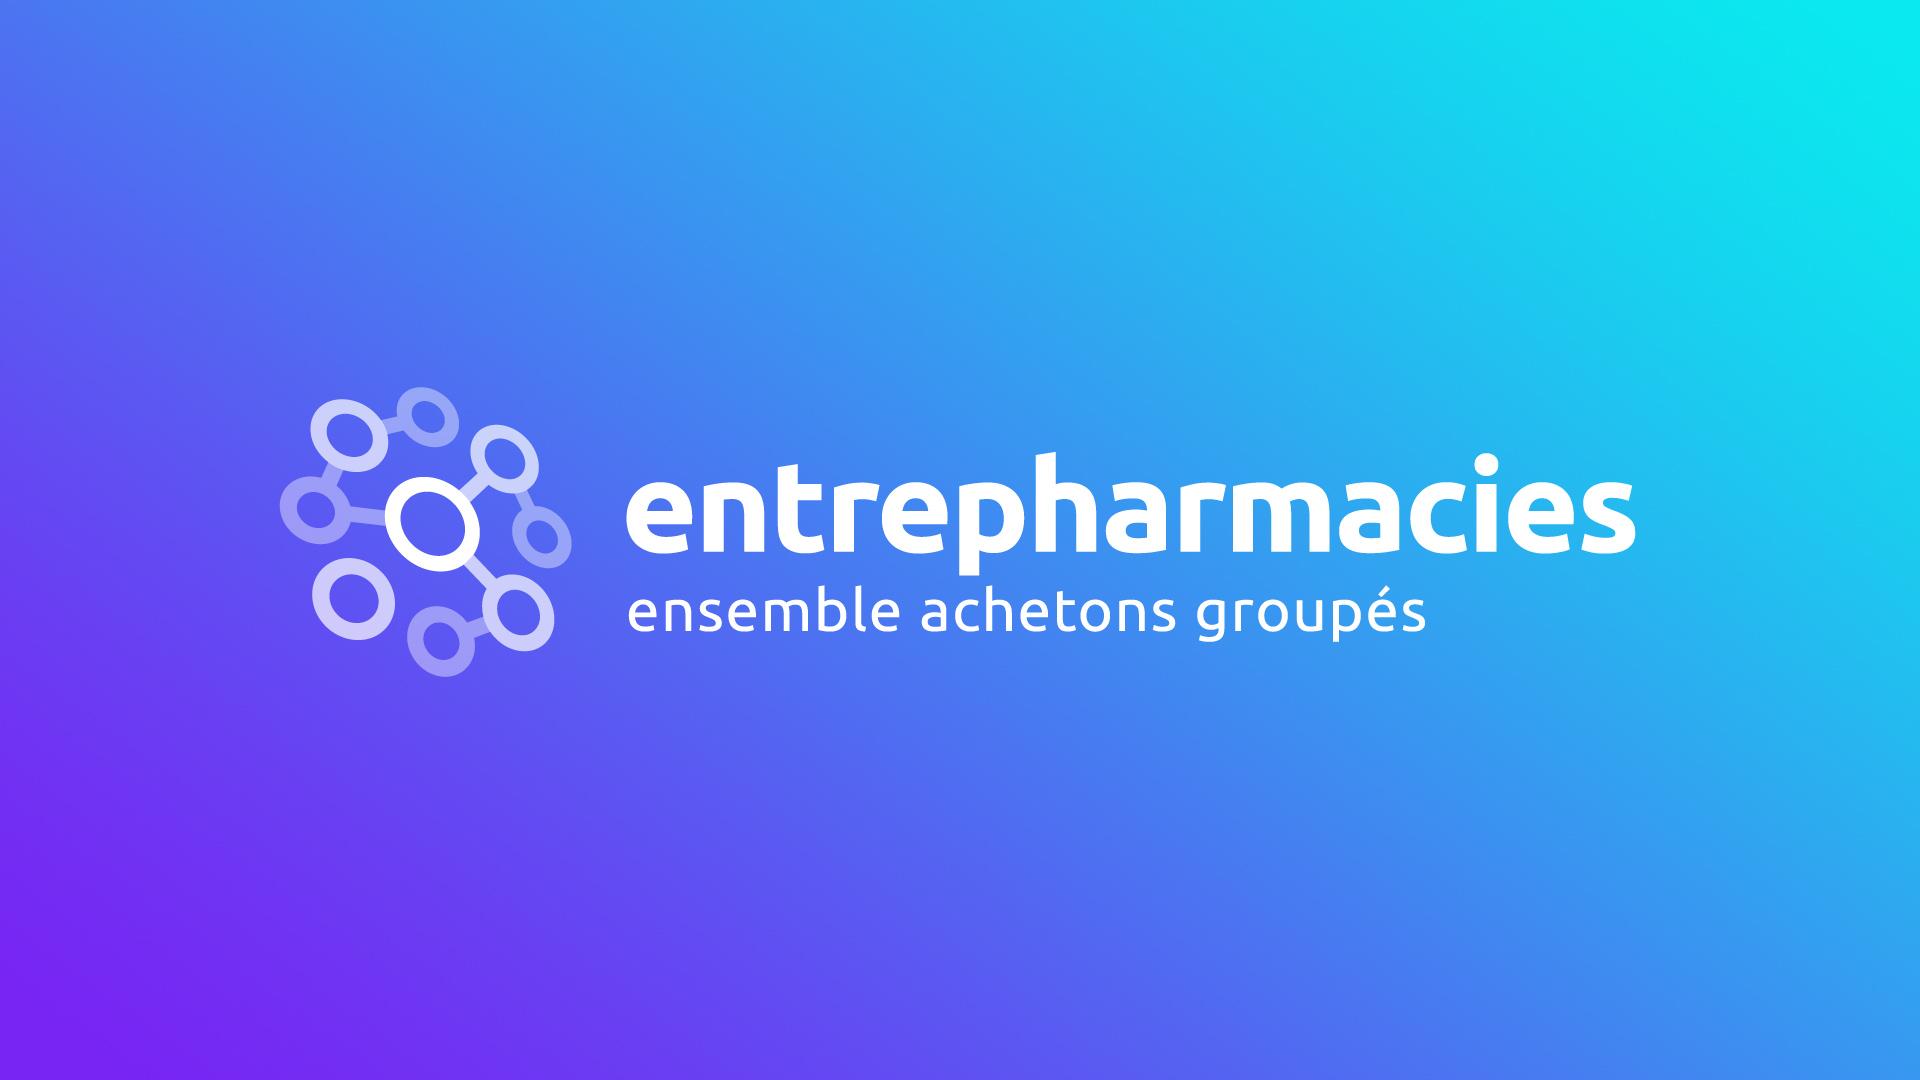 entrepharmacies-creation-logo-caconcept-alexis-cretin-graphiste-montpellier